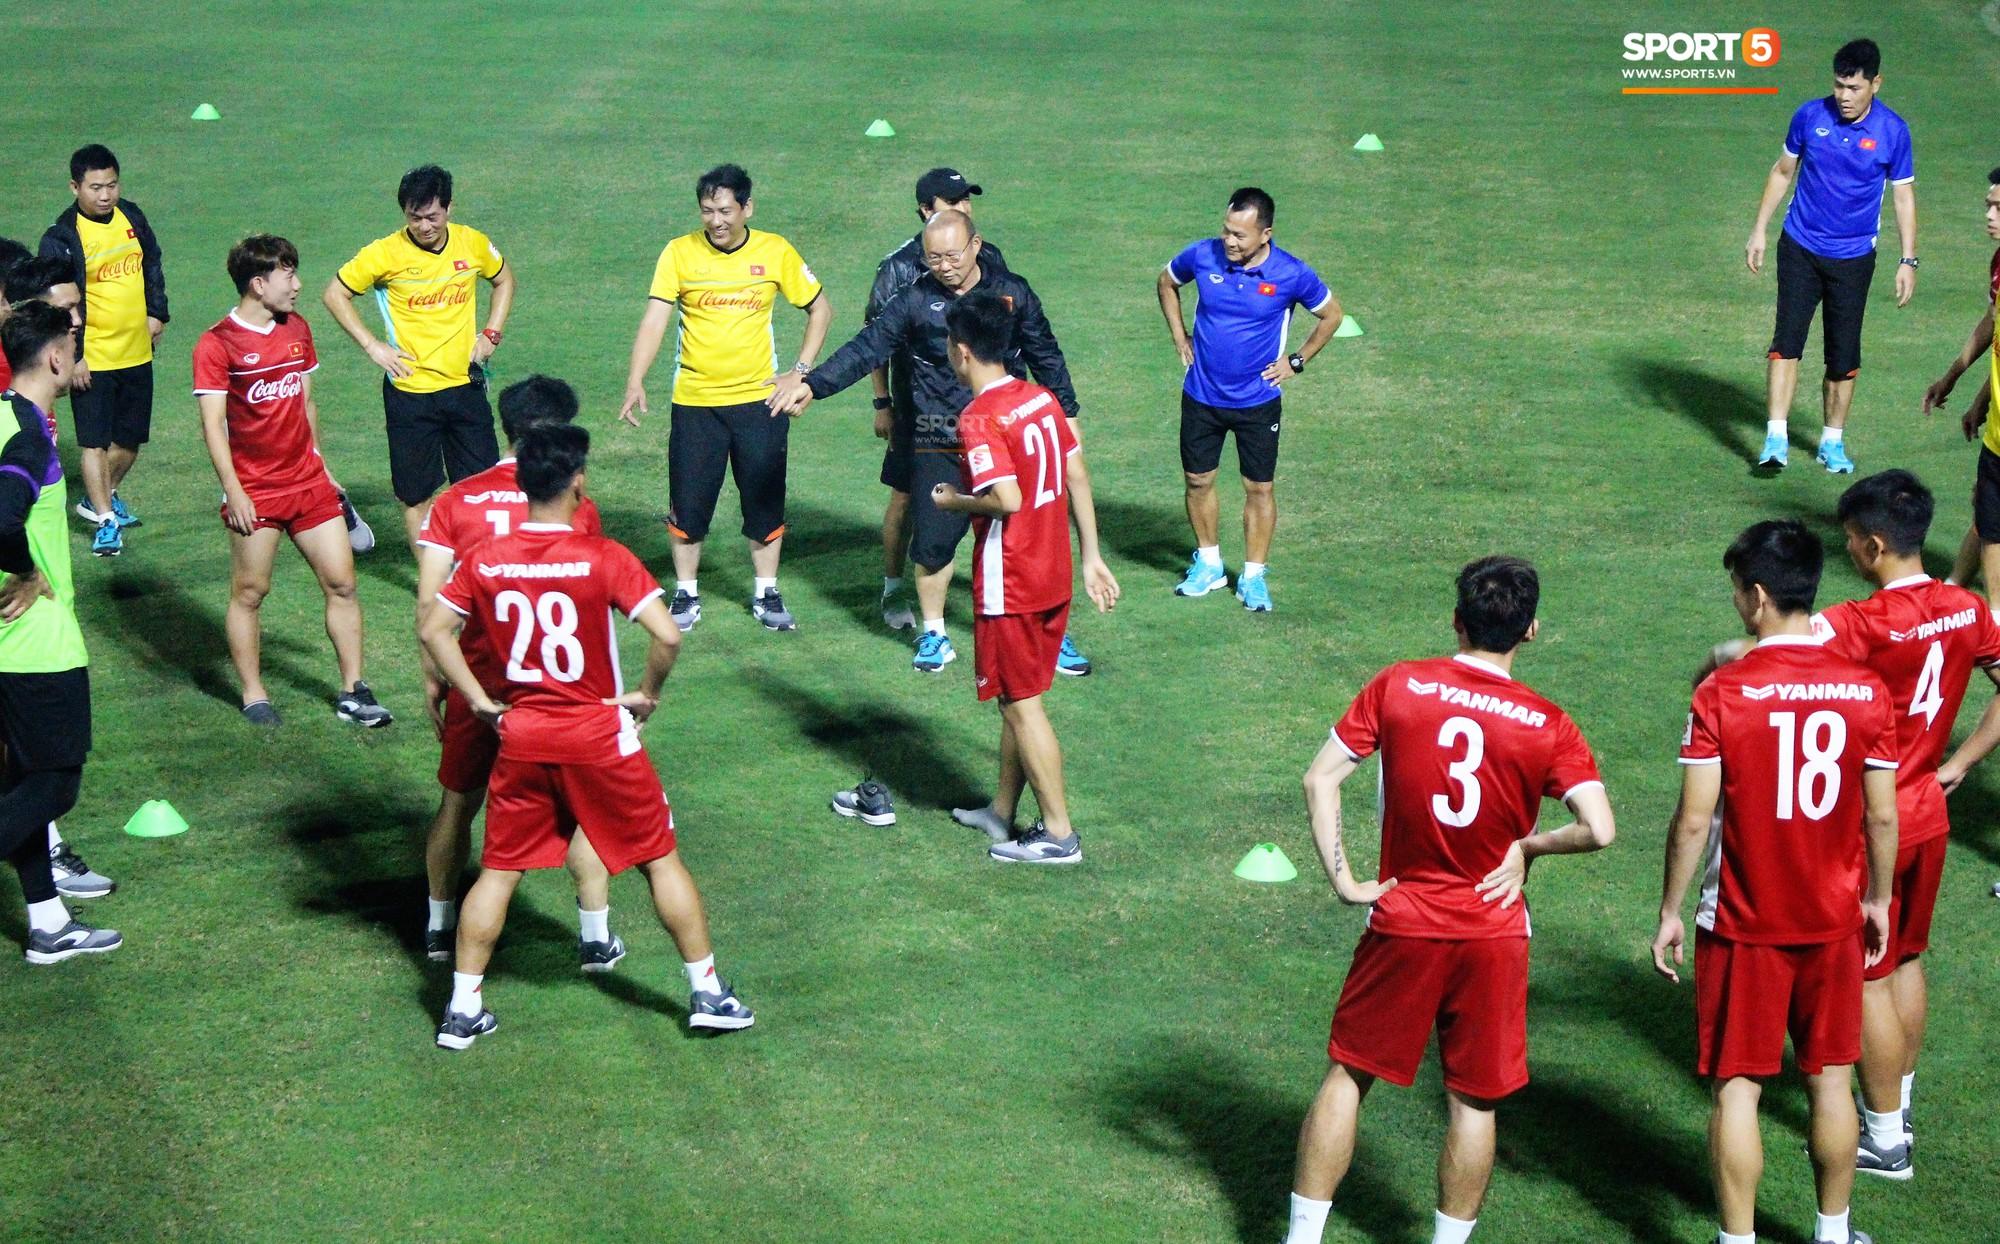 Đức Chinh chạy trốn, Đình Trọng và Minh Vương bị HLV Park Hang Seo lột giày vì không mang tất đúng chuẩn-2